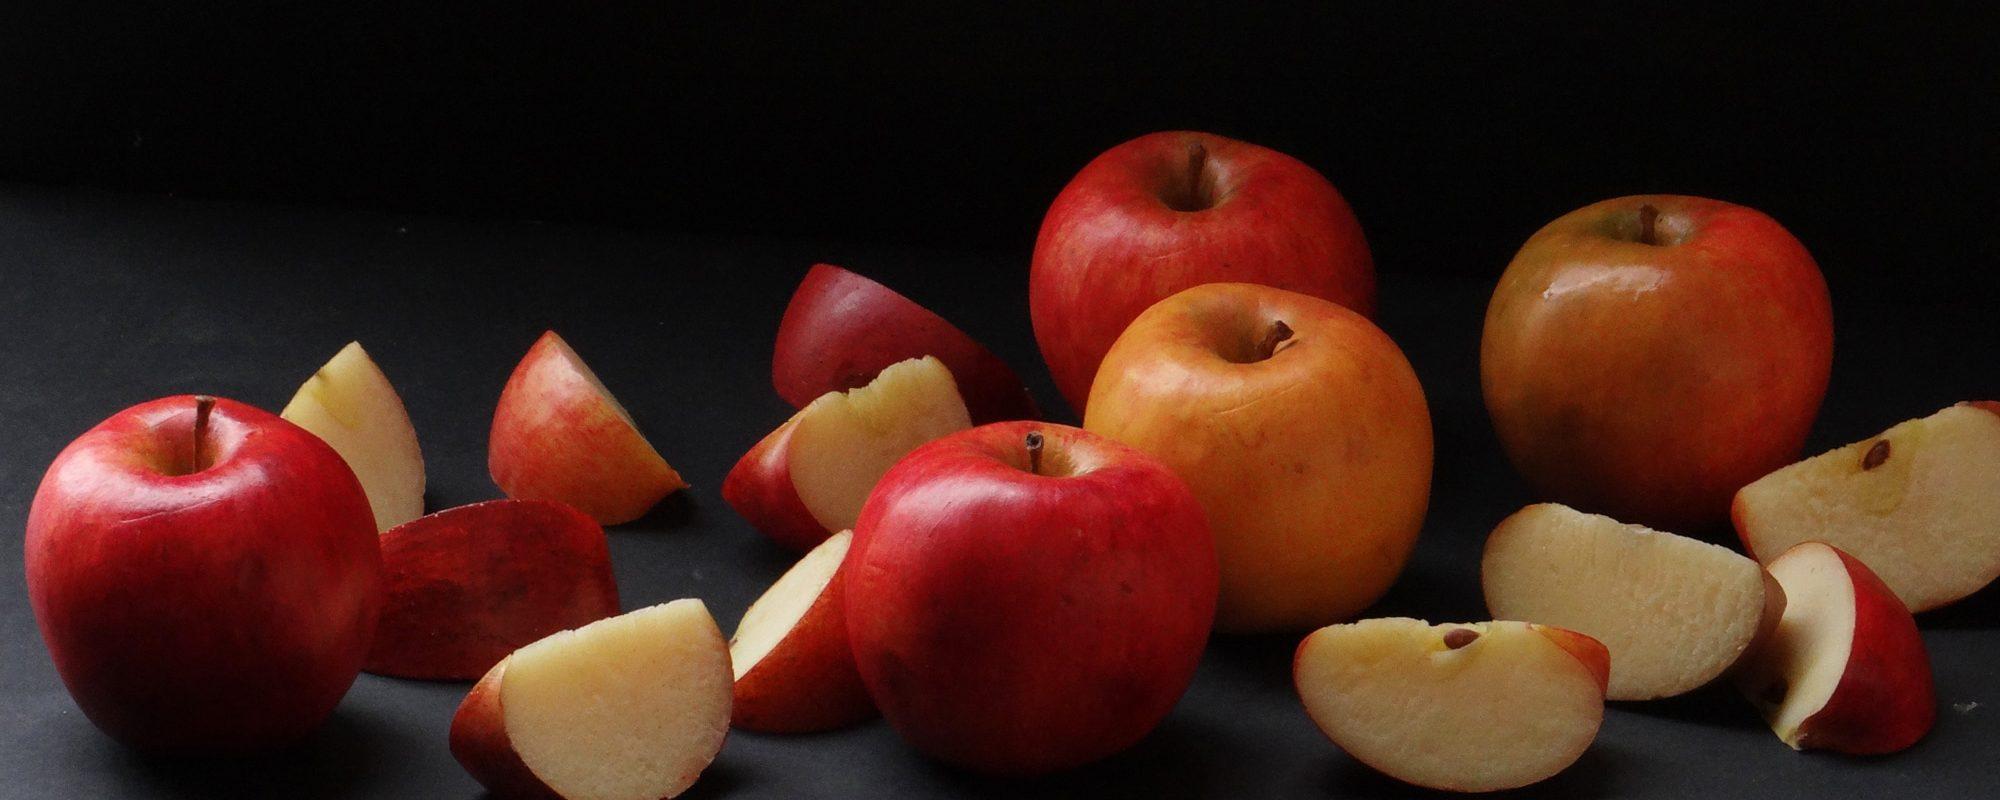 un gros plan sur des pommes factices entières et coupées qui sont réalisées en résine